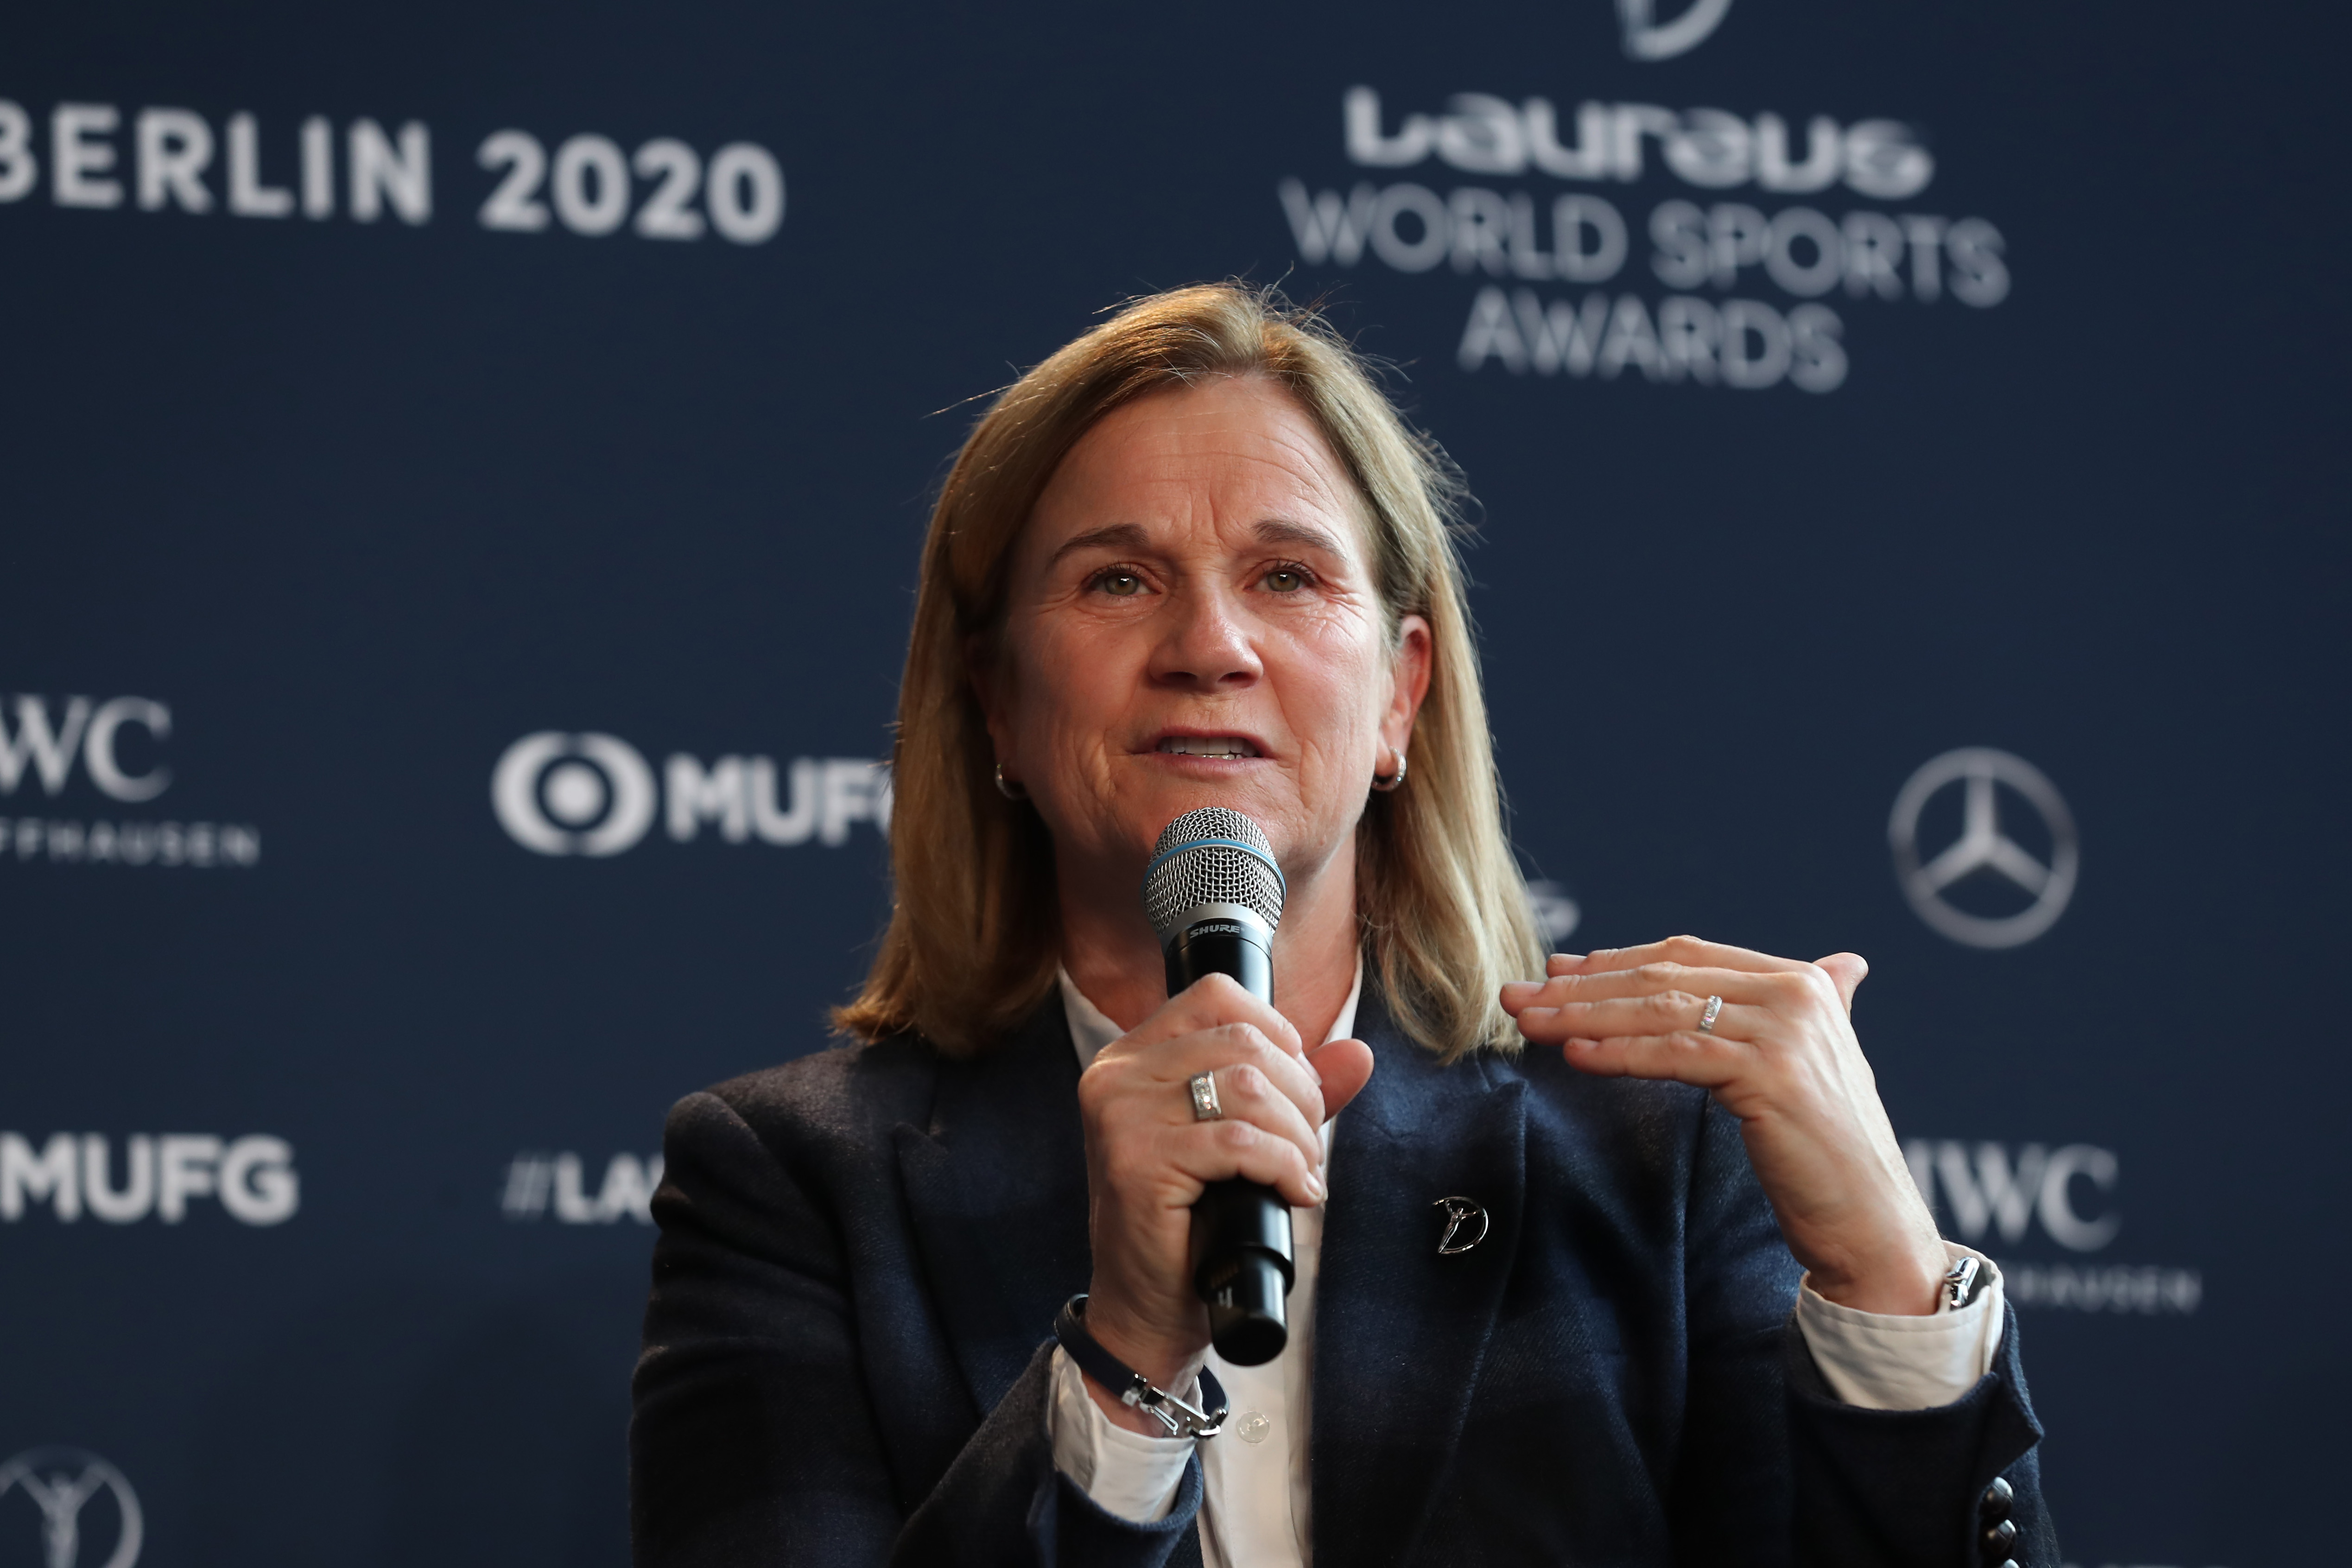 媒体访谈 -  2020 Laureus World Sports Awards  - 柏林